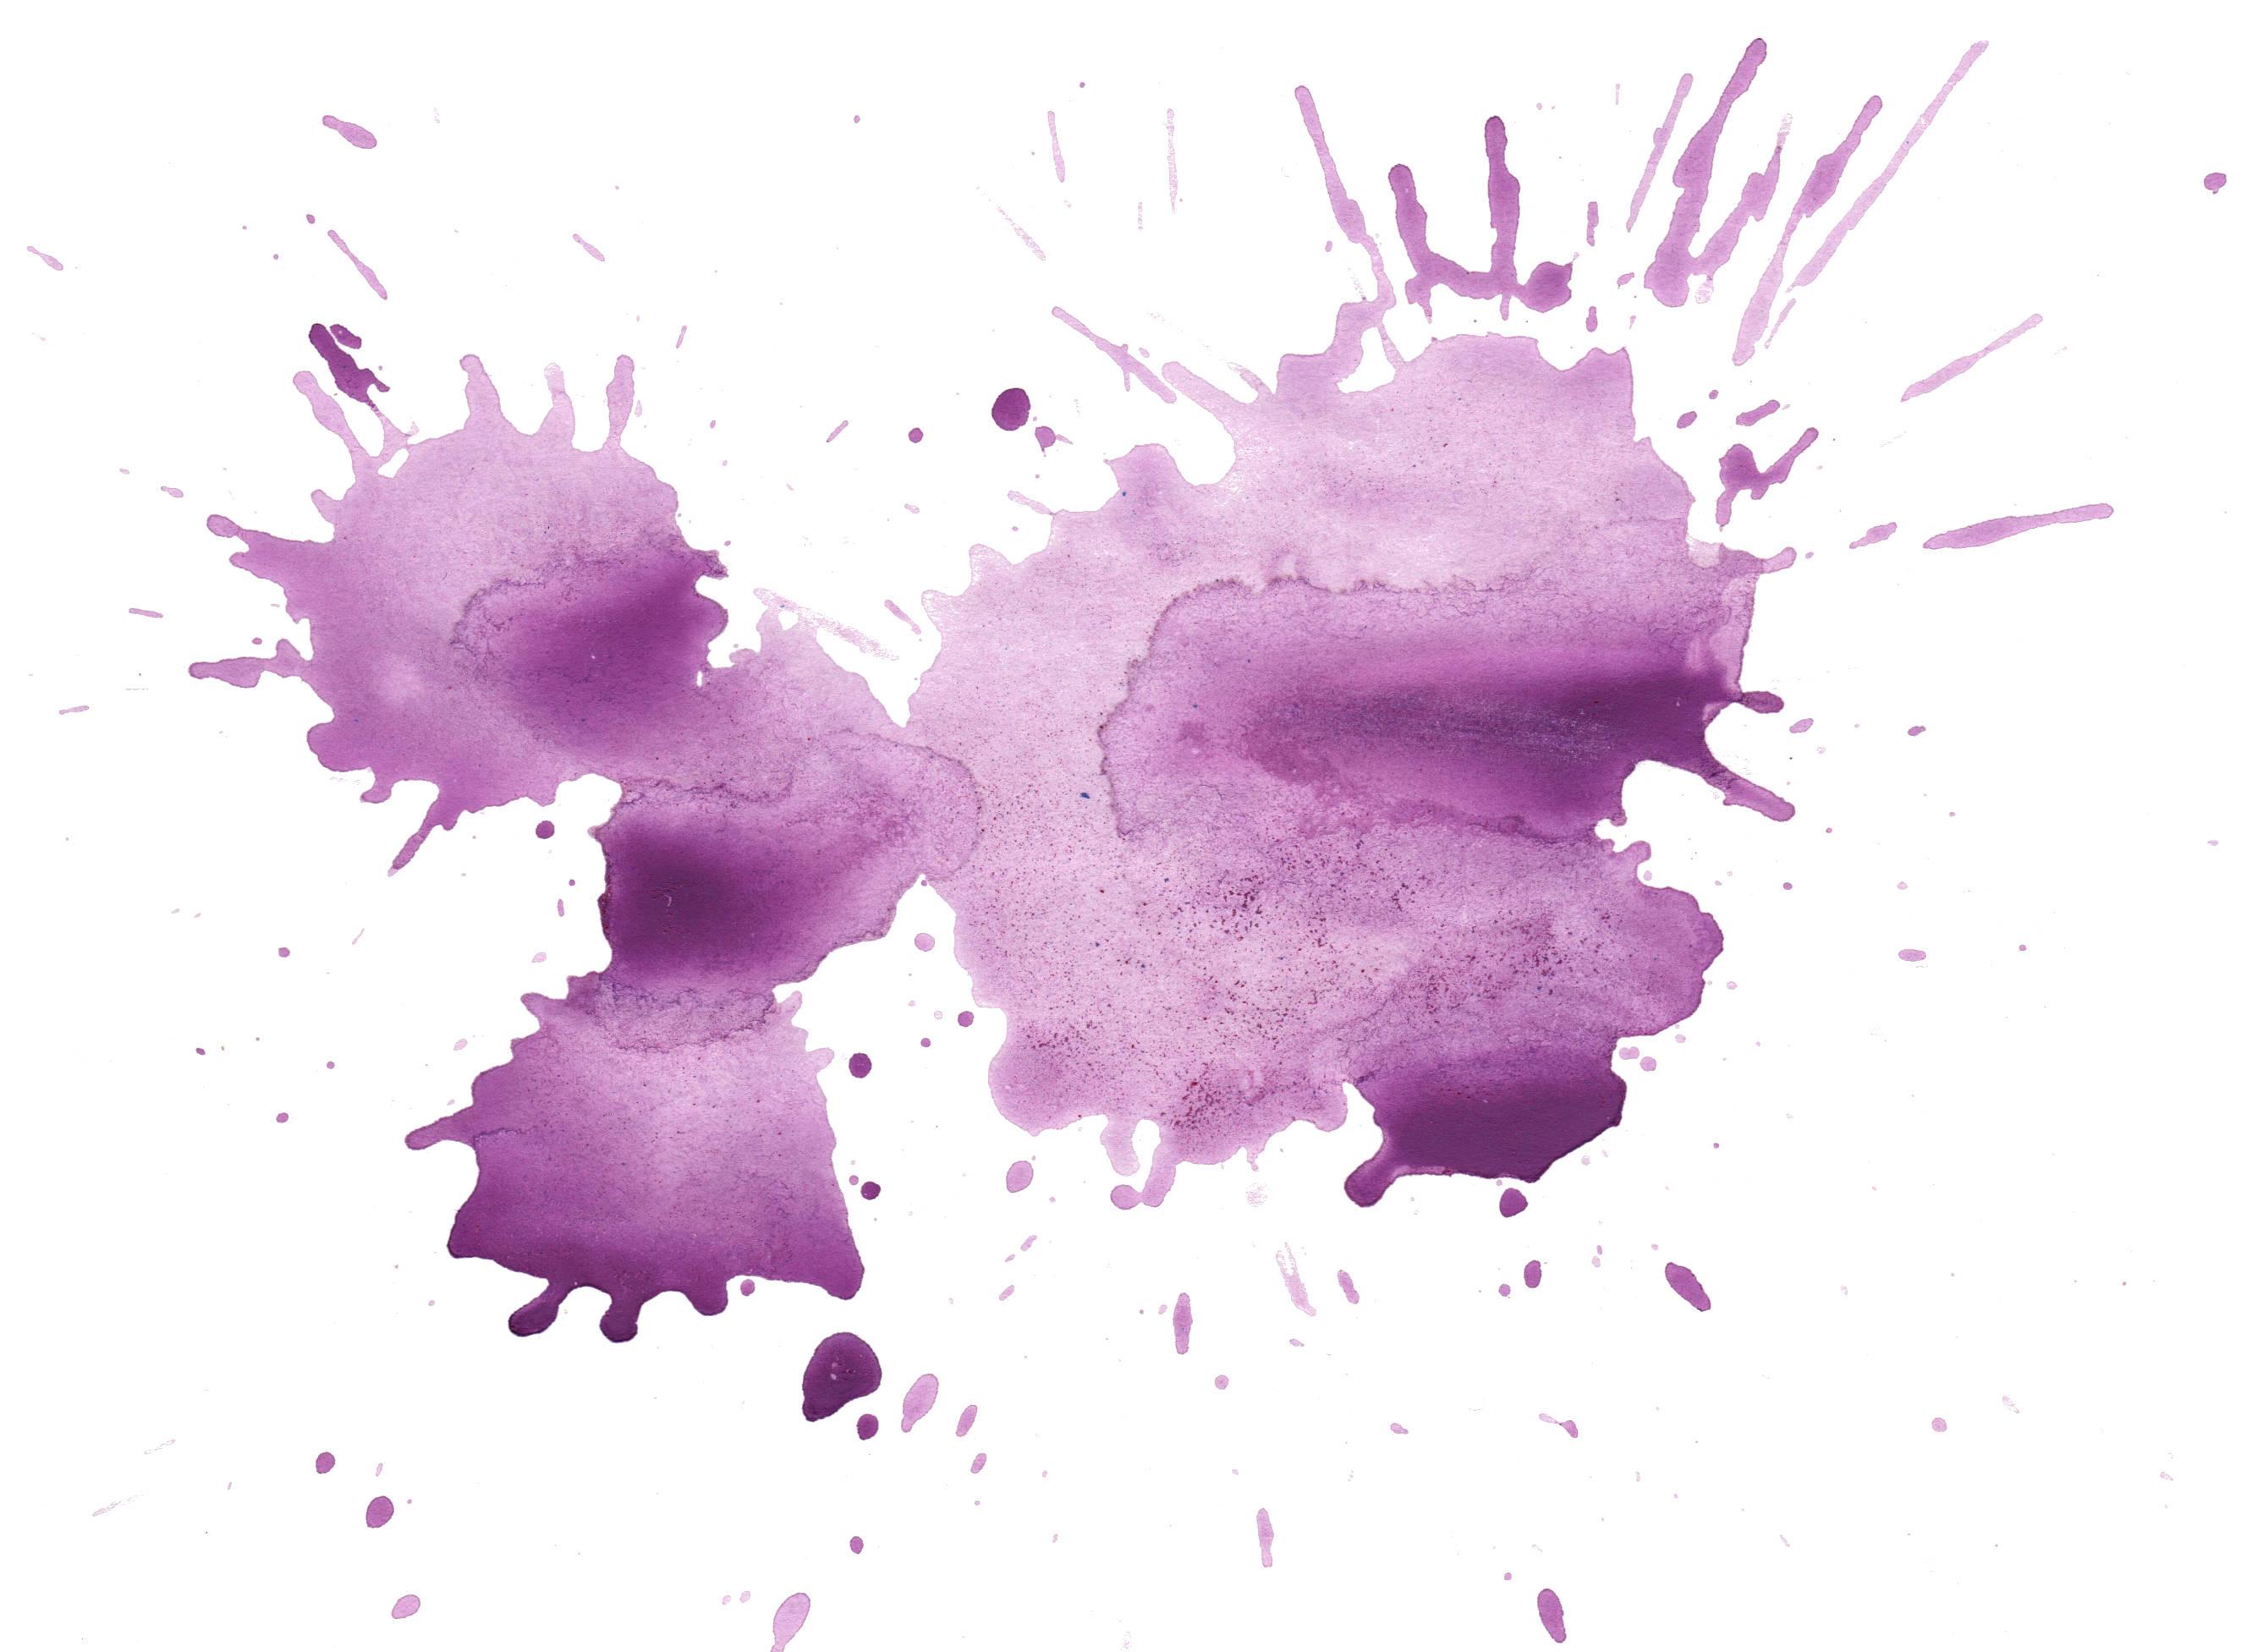 Paint Color 2017 6 Purple Watercolor Texture Jpg Onlygfx Com